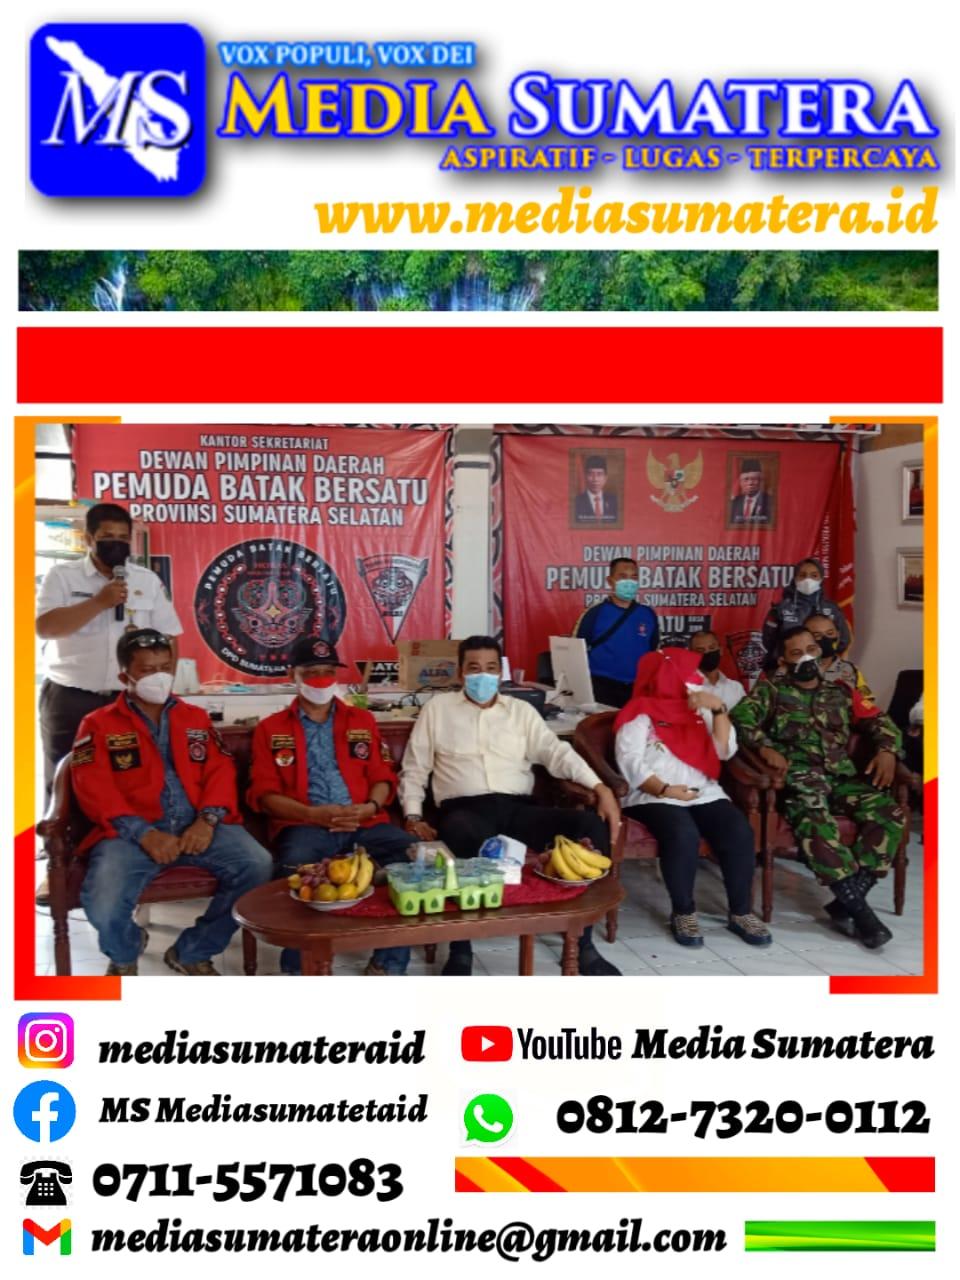 Pemprov Sumsel Melalui Dinas Sosial Serahkan Bantuan Sosial Kepada DPD Pemuda Batak Bersatu Sumsel Sebanyak 5 Ton 380 Kg Beras Untuk Disalurkan Ke Masyarakat yang Membutuhkan